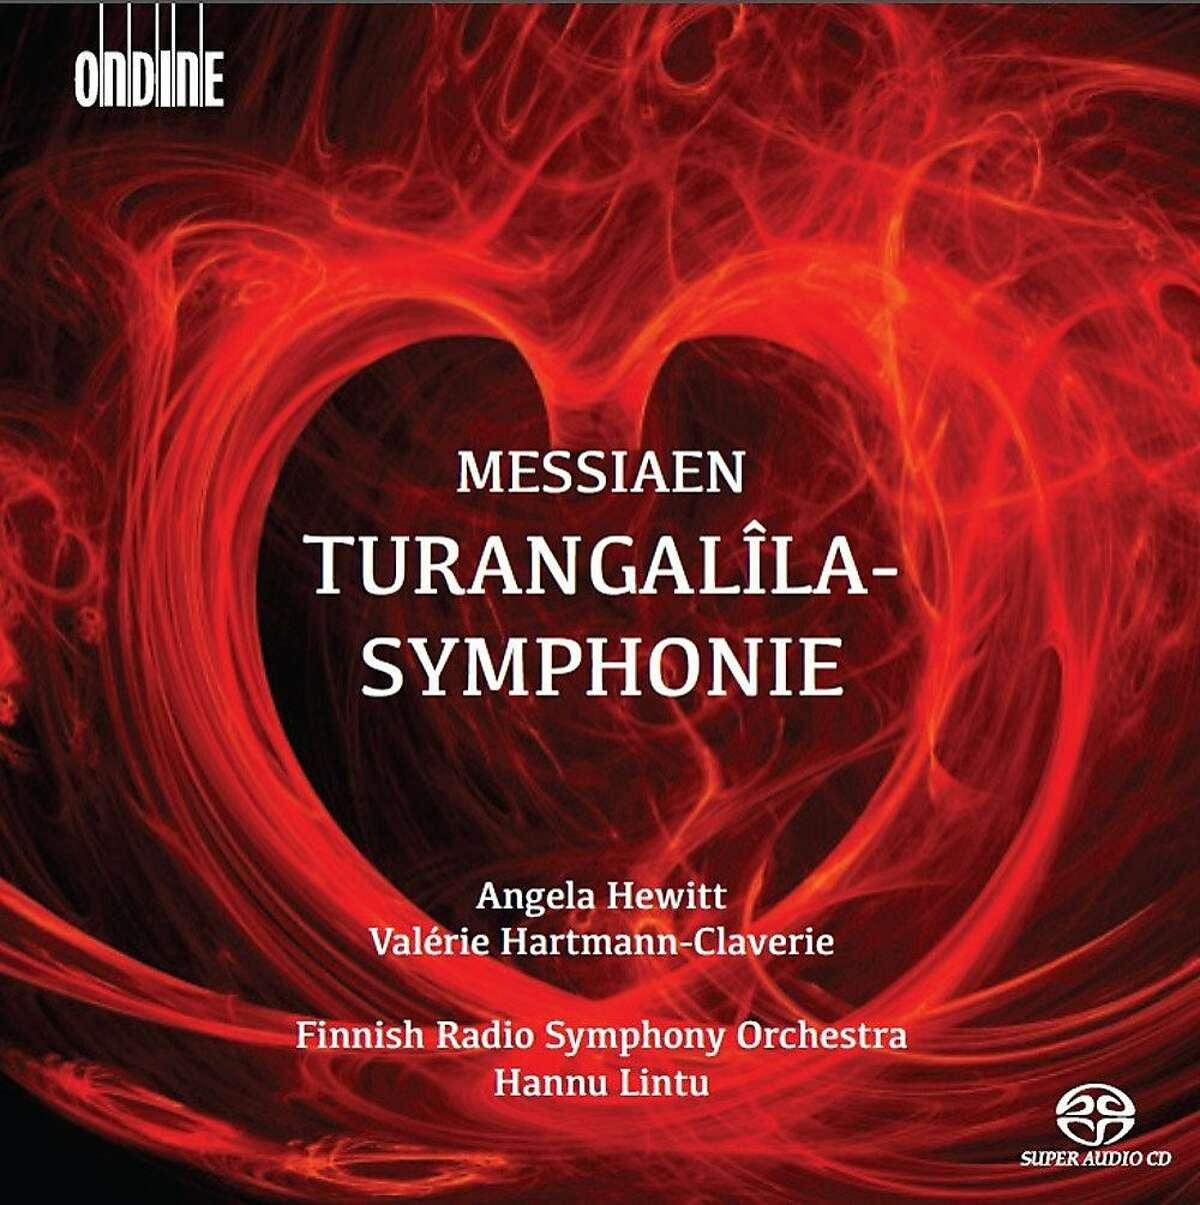 CD cover: Messiaen, Turangalîla-Symphonie